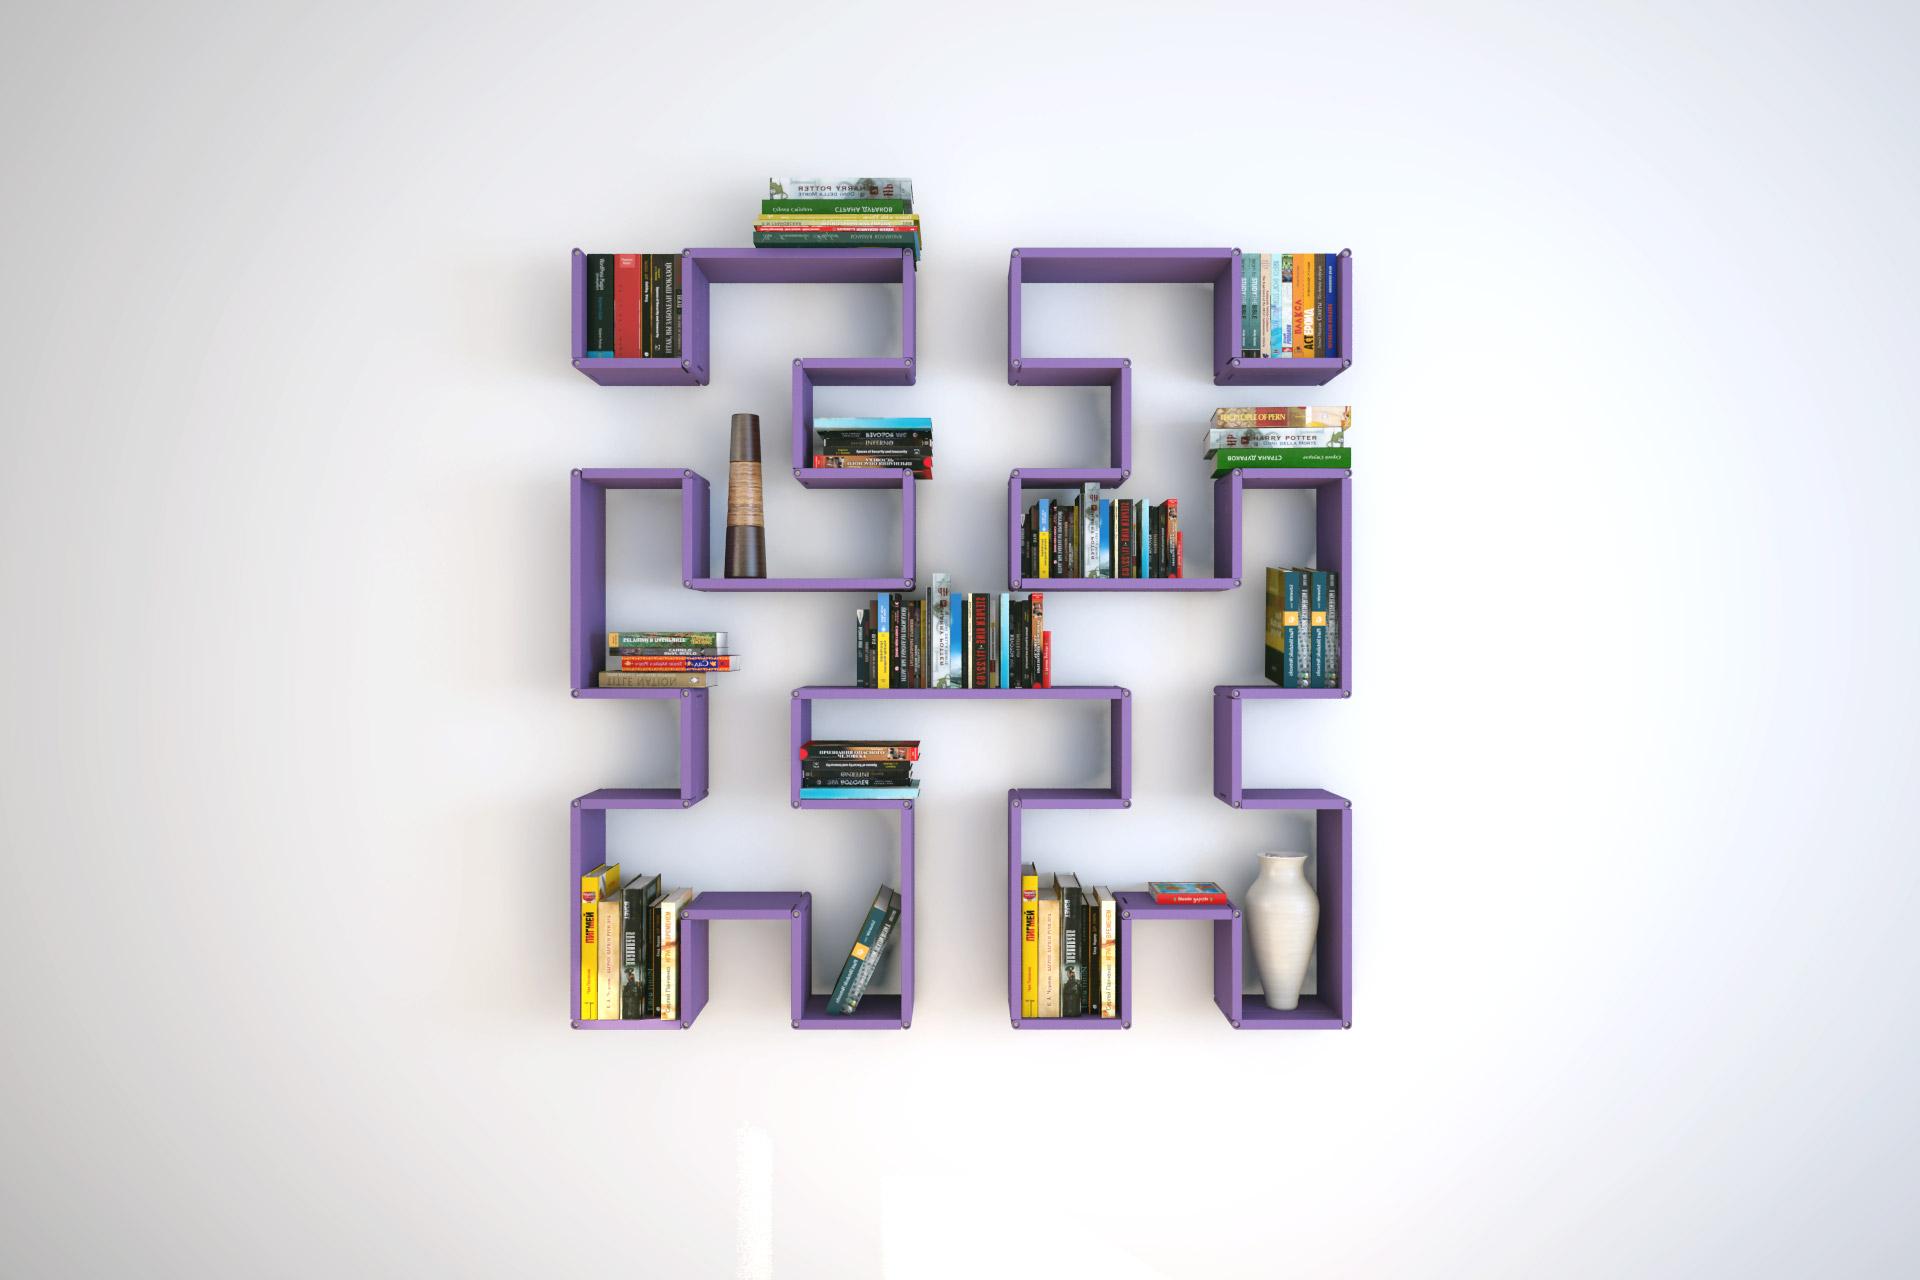 kreativne-police-za-knjige-19